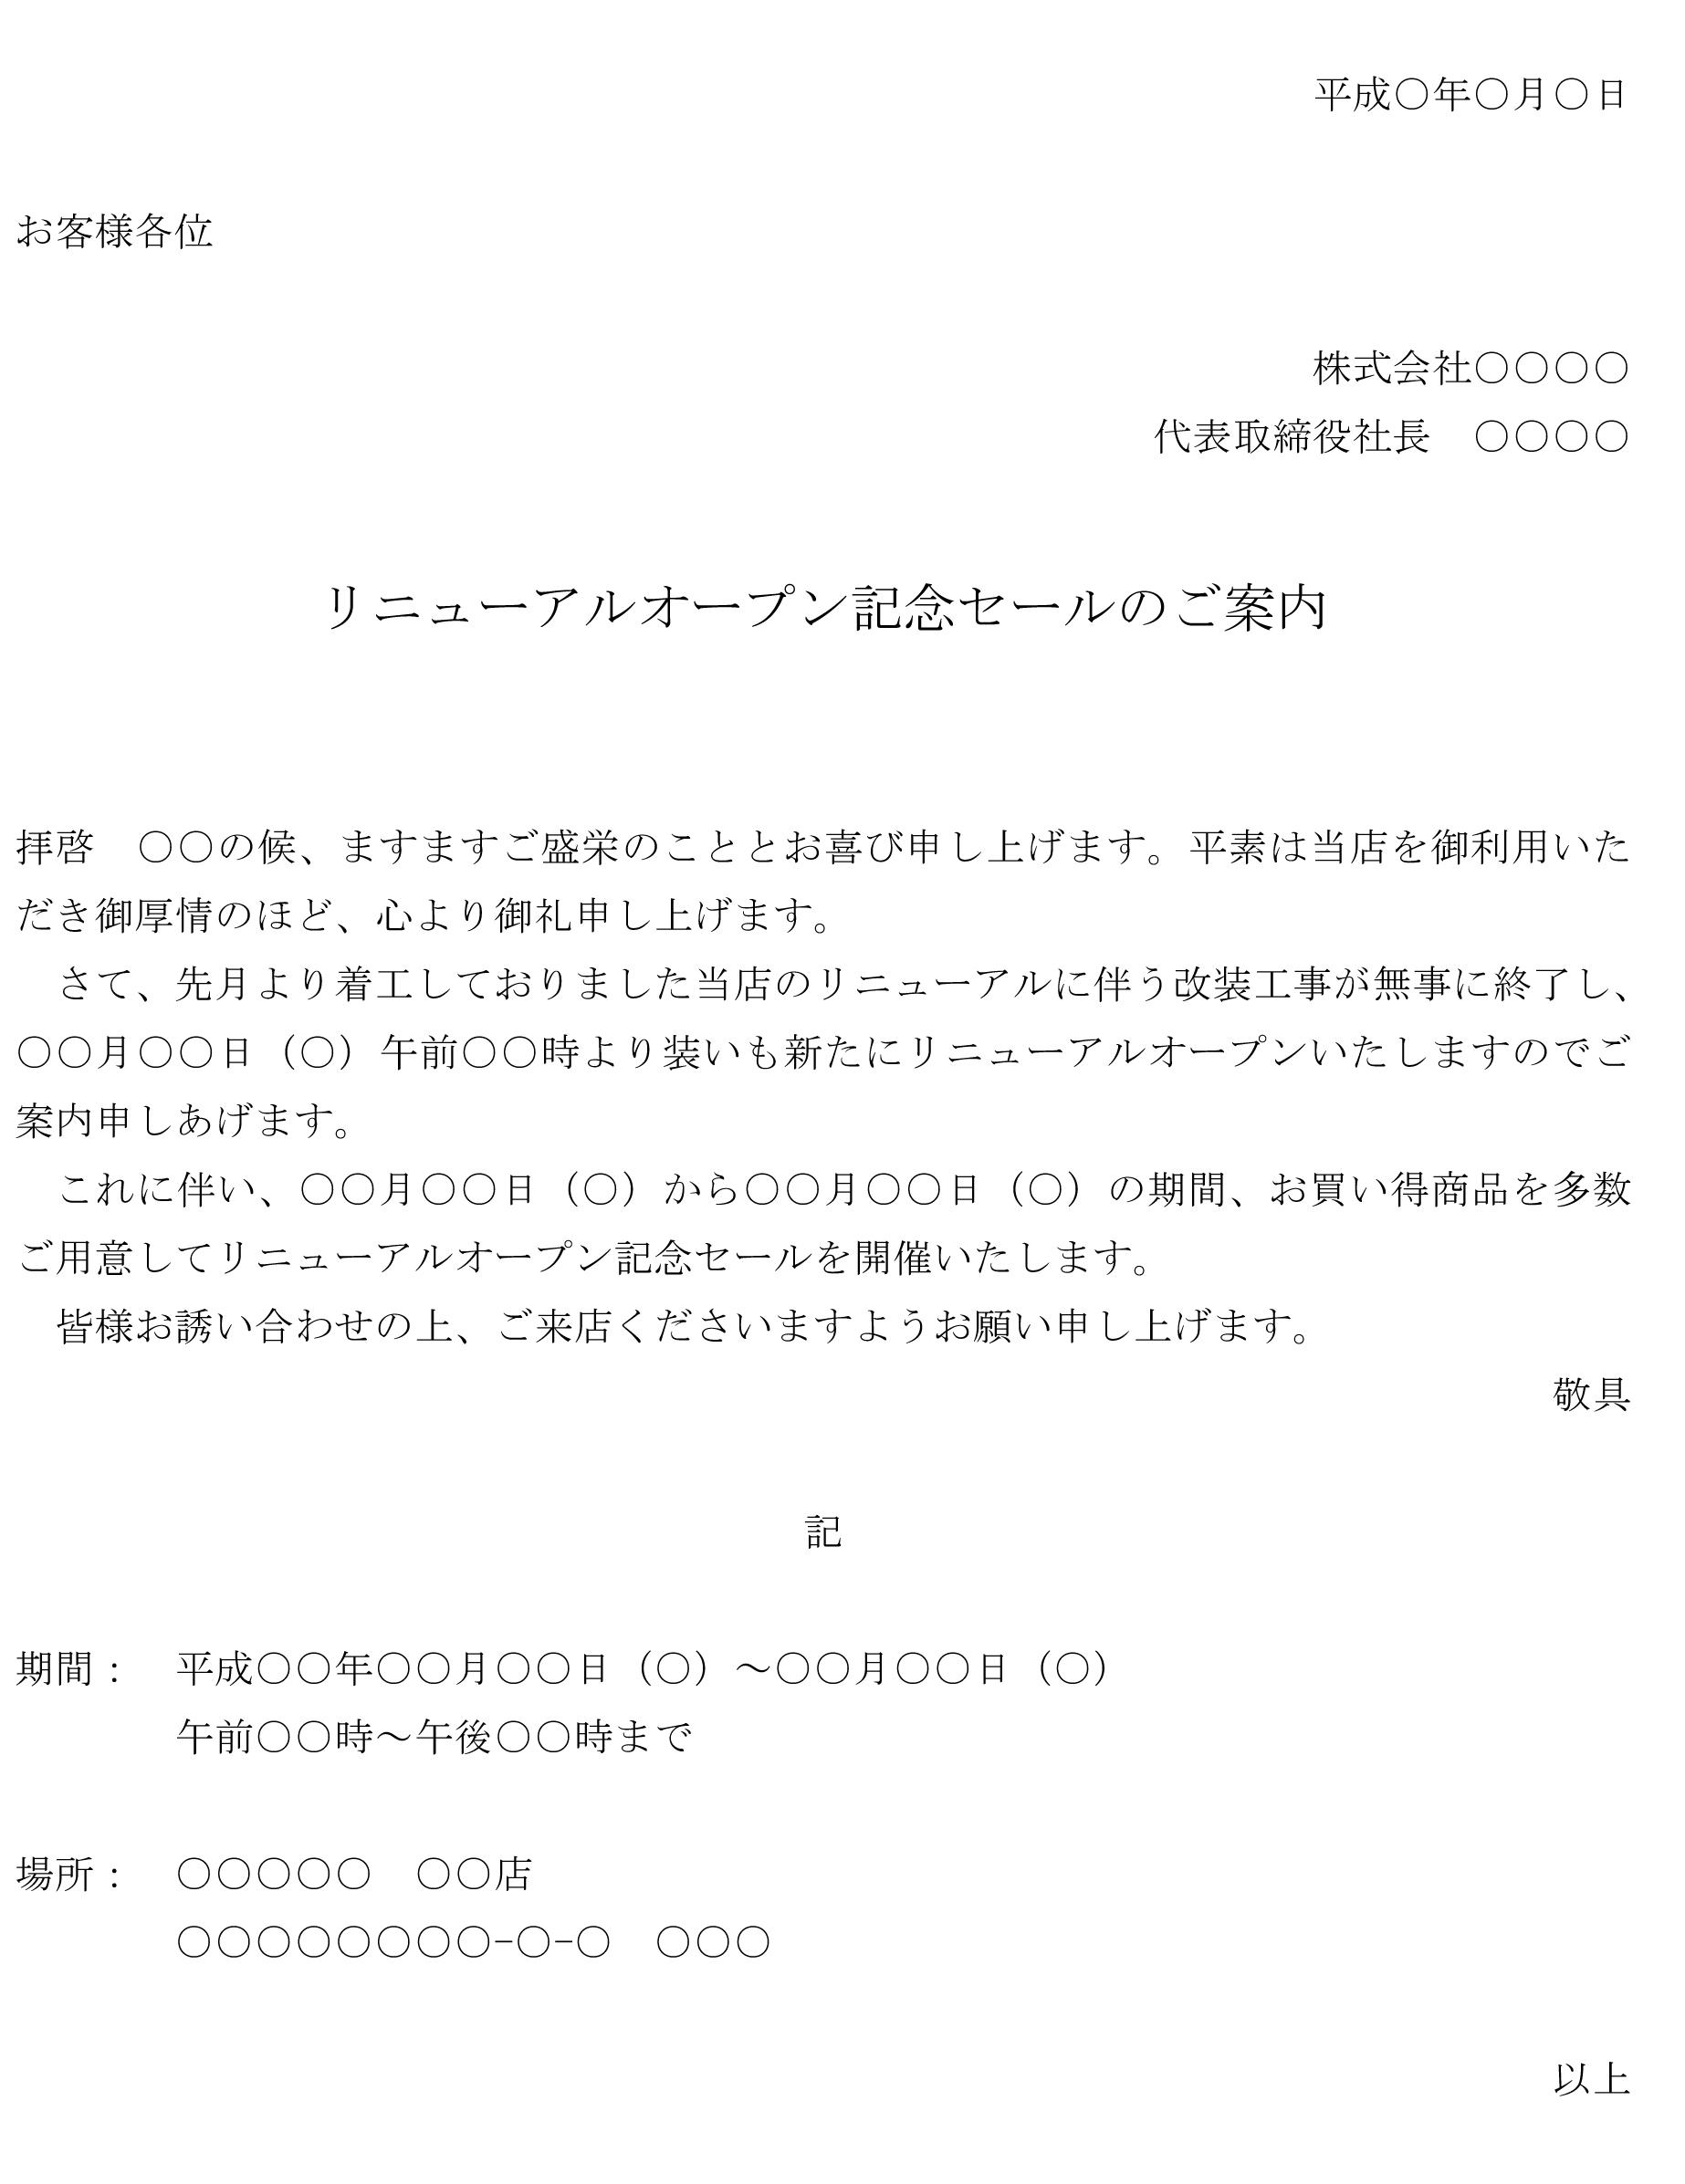 案内状(リニューアルオープン記念セール)